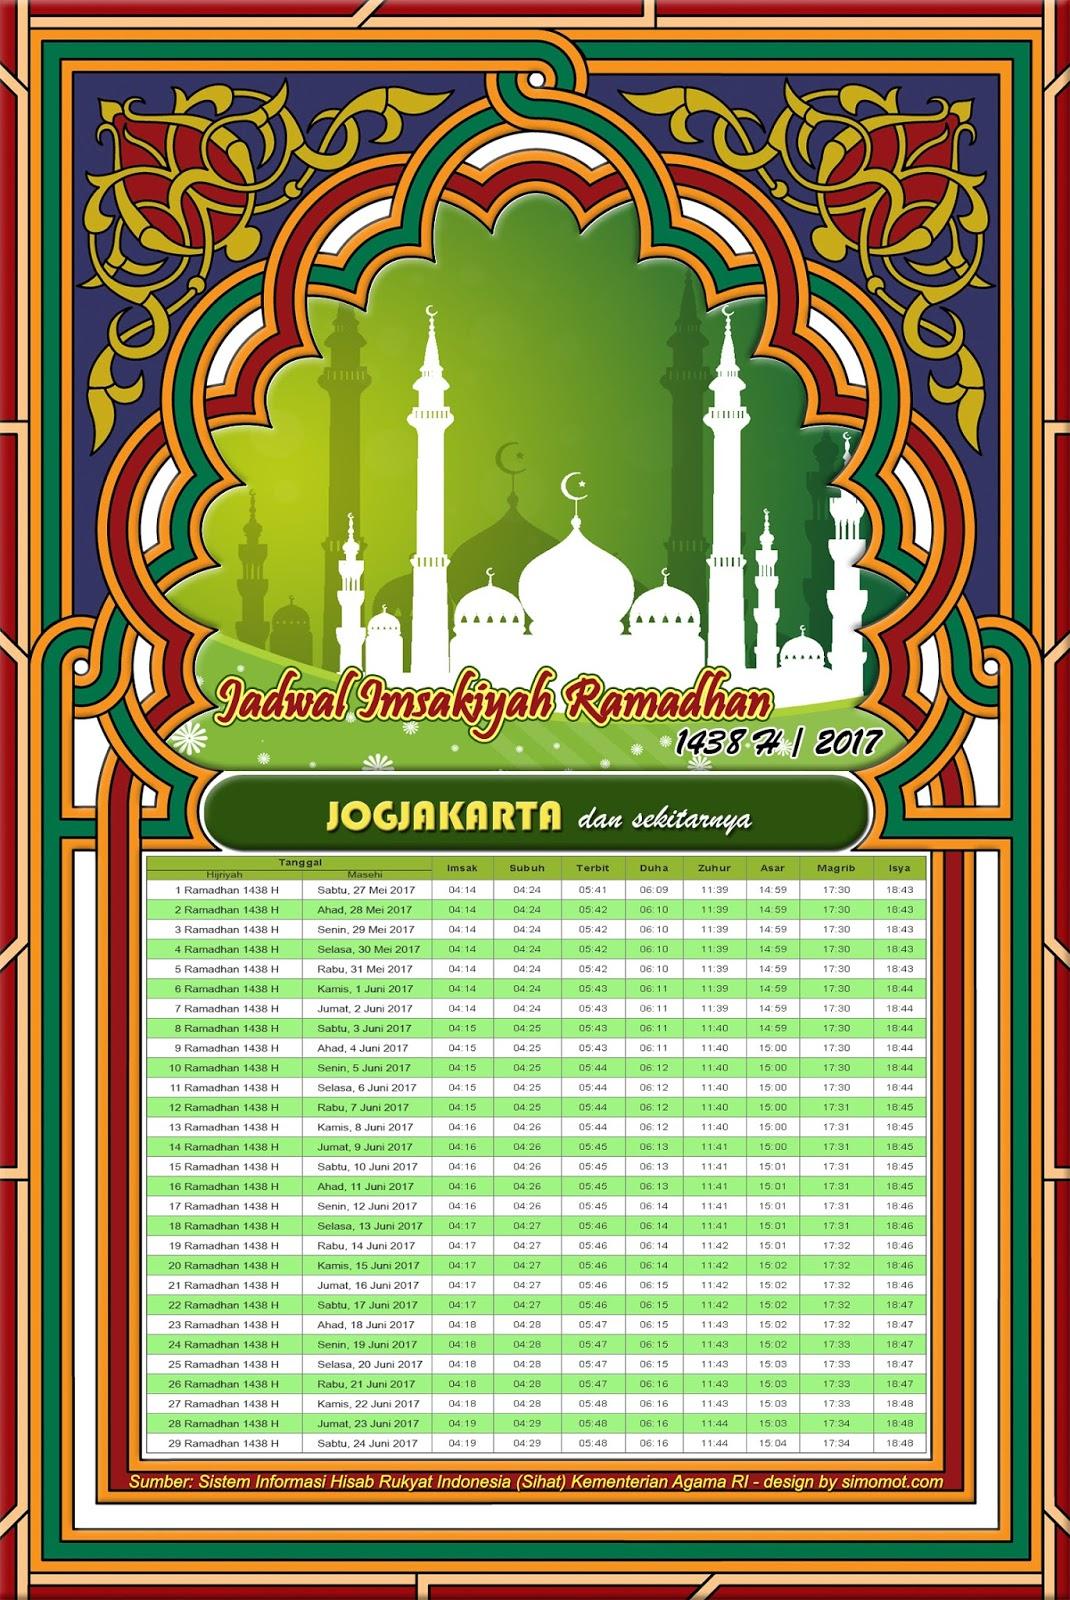 Jadwal Imsakiyah Jogja 2017 - Ramadhan 1438 H